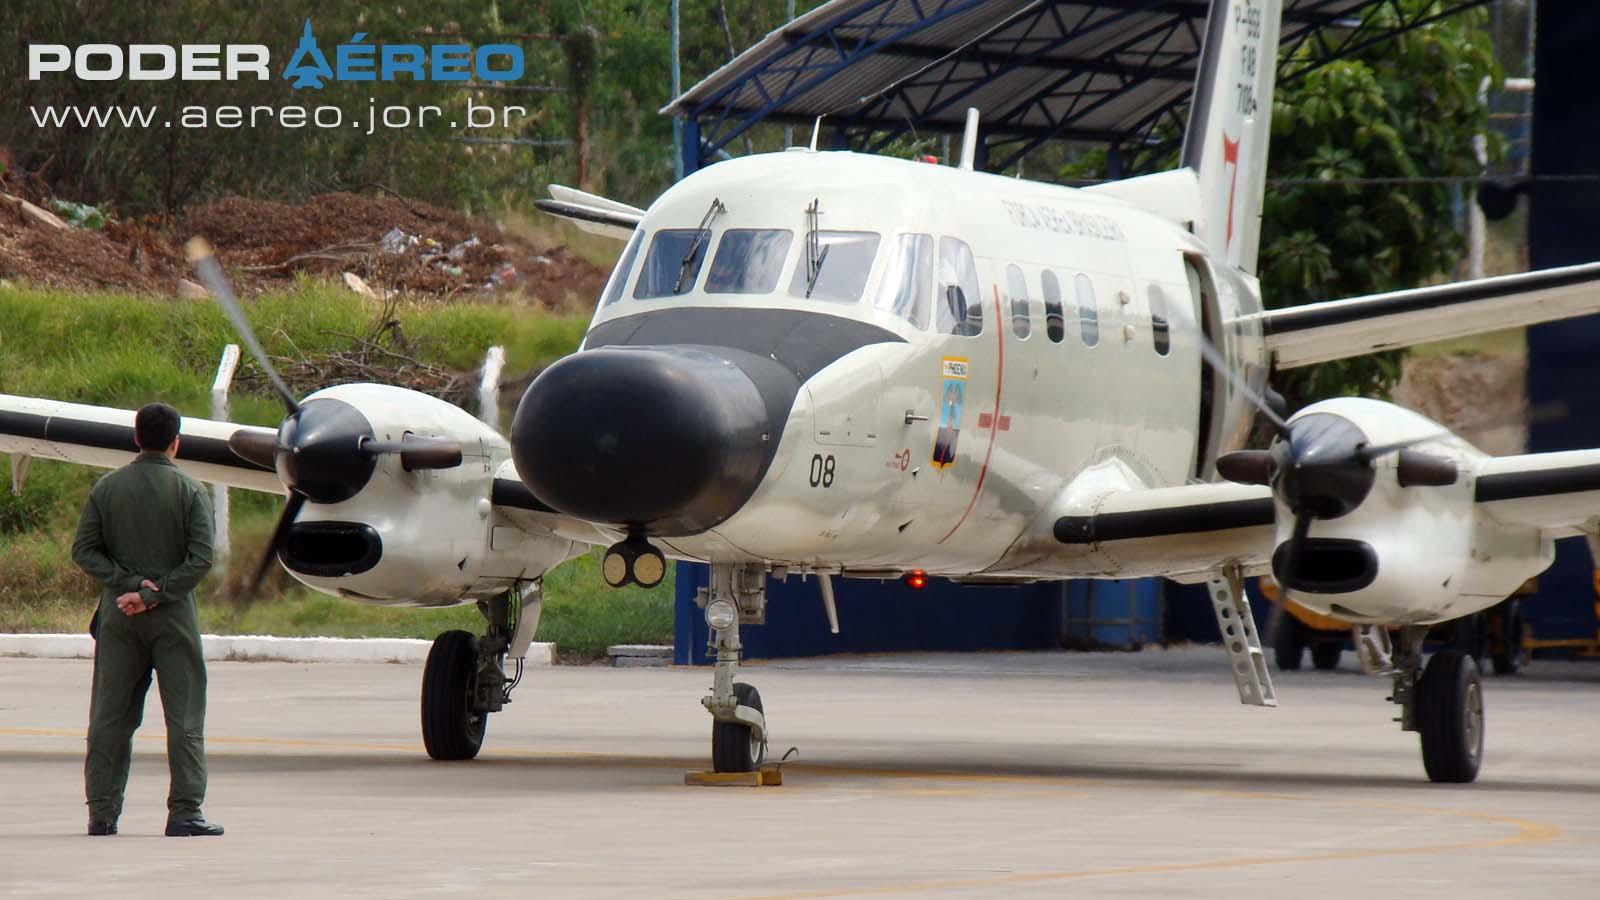 PAMA-SP 2012 - dom23set - P-95 Bandeirulha FAB - foto Nunão - Poder Aéreo